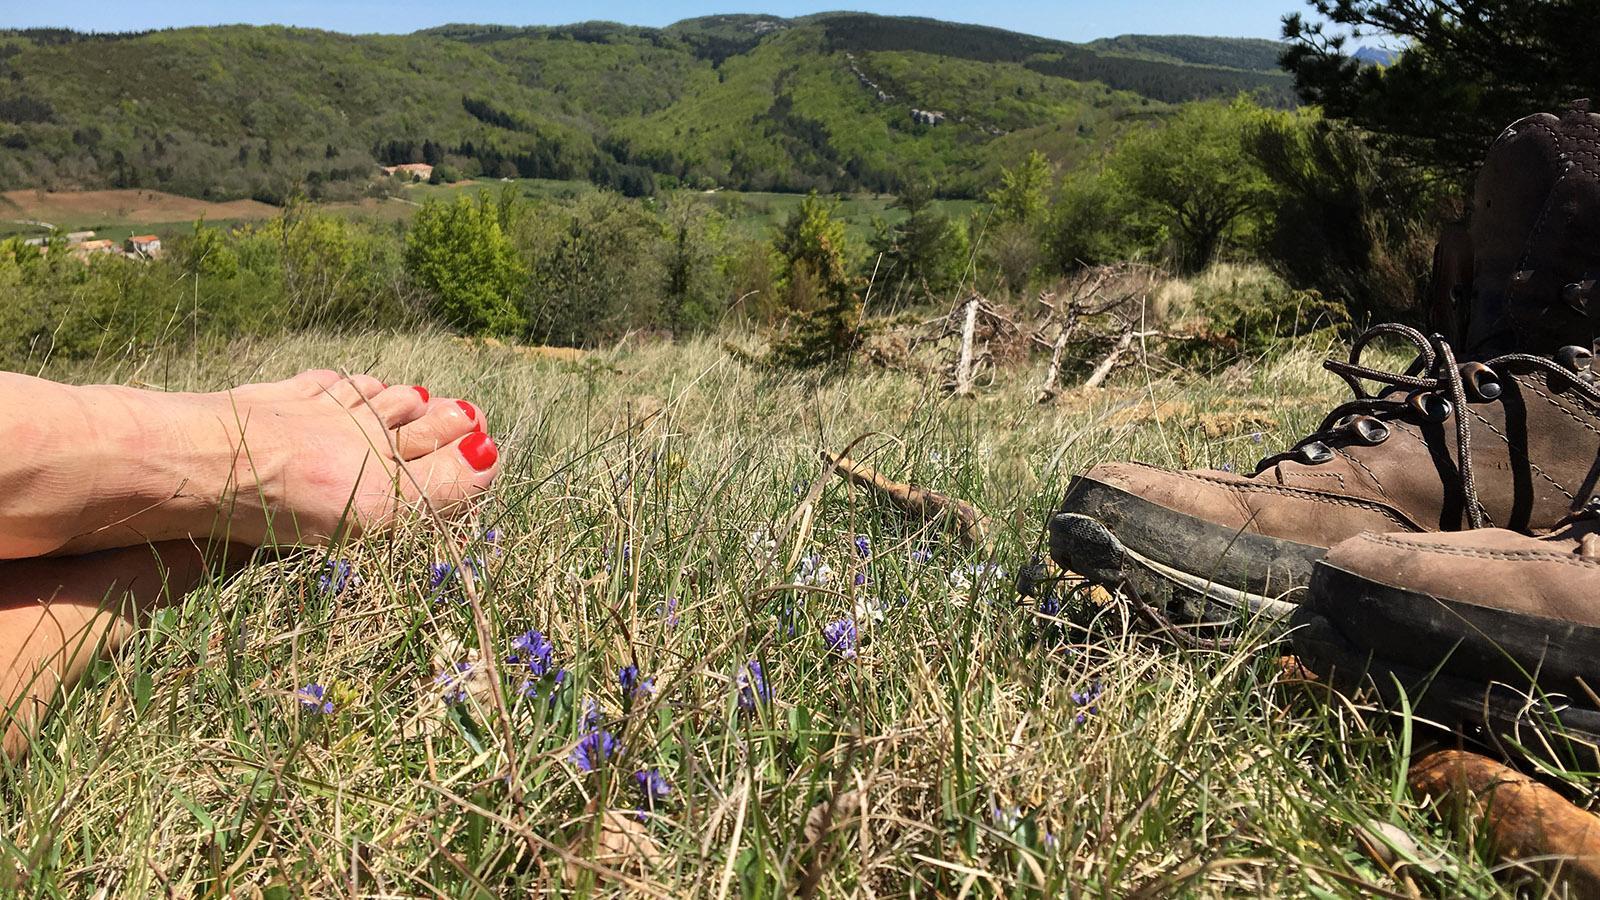 Pech de Bugarach: Nach dem Aufstieg brauchten meine Füße frische Luft... Foto: Hilke Maunder